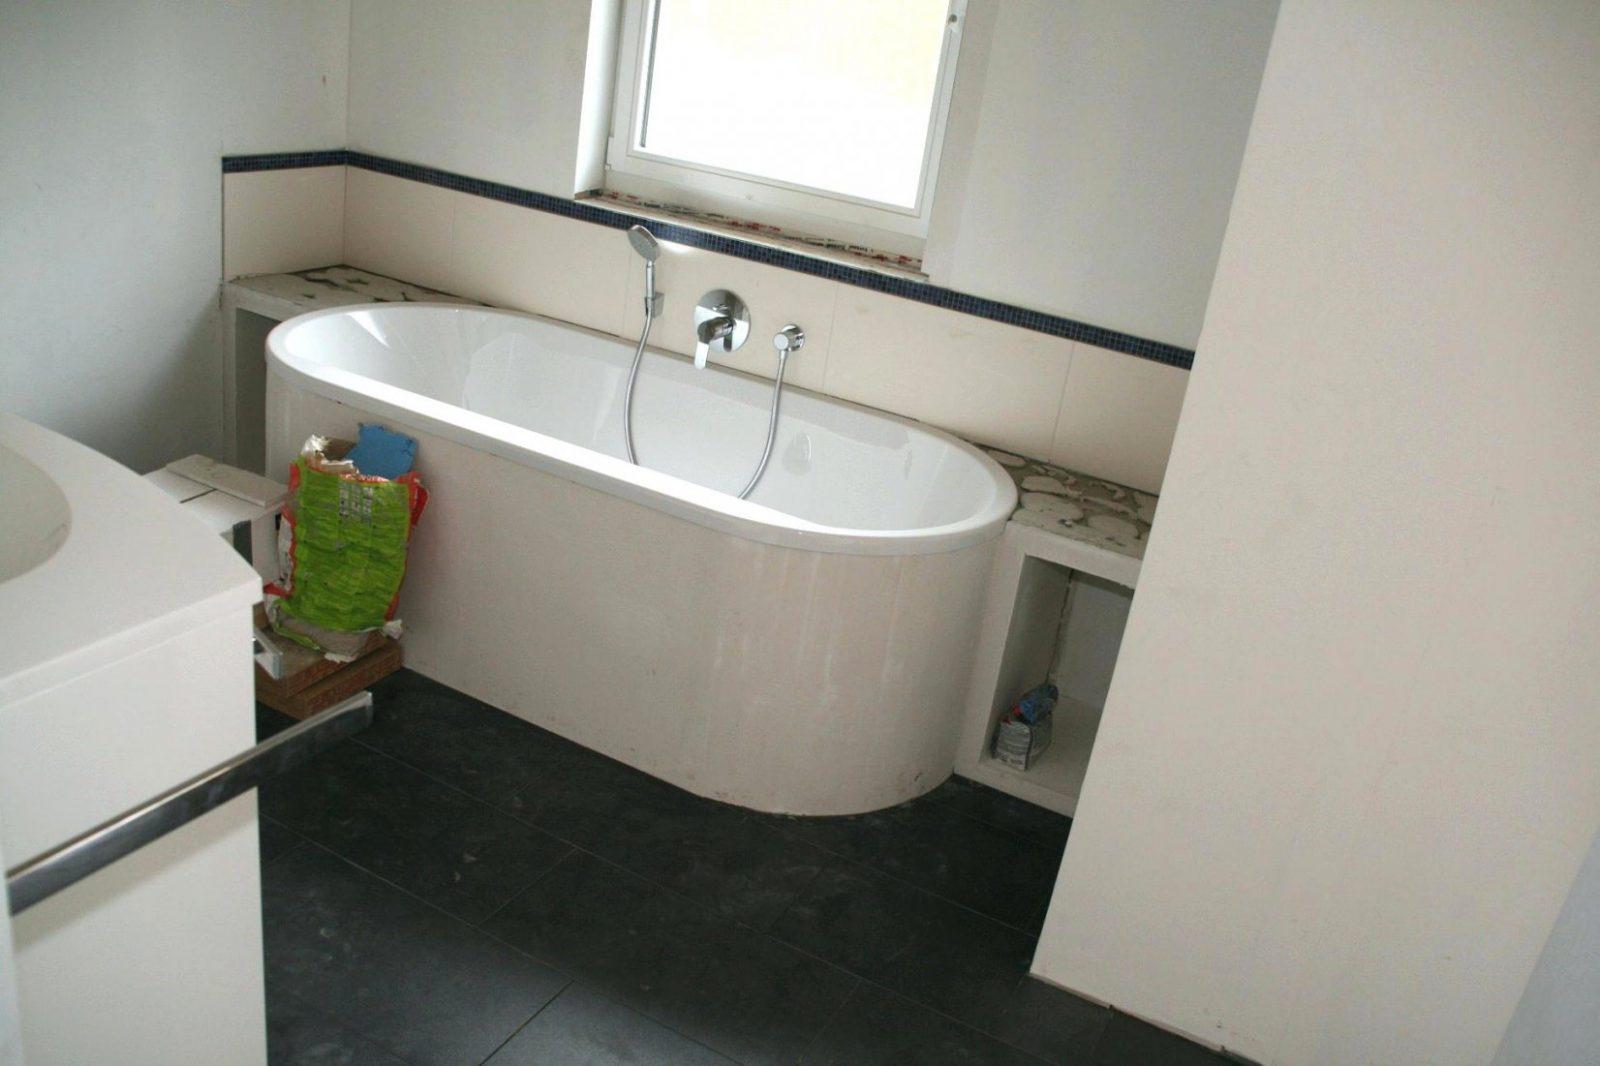 Freistehende Badewanne Bestellen Auf Konzept Freistehende Badewanne von Freistehende Badewanne Einbauen Bild